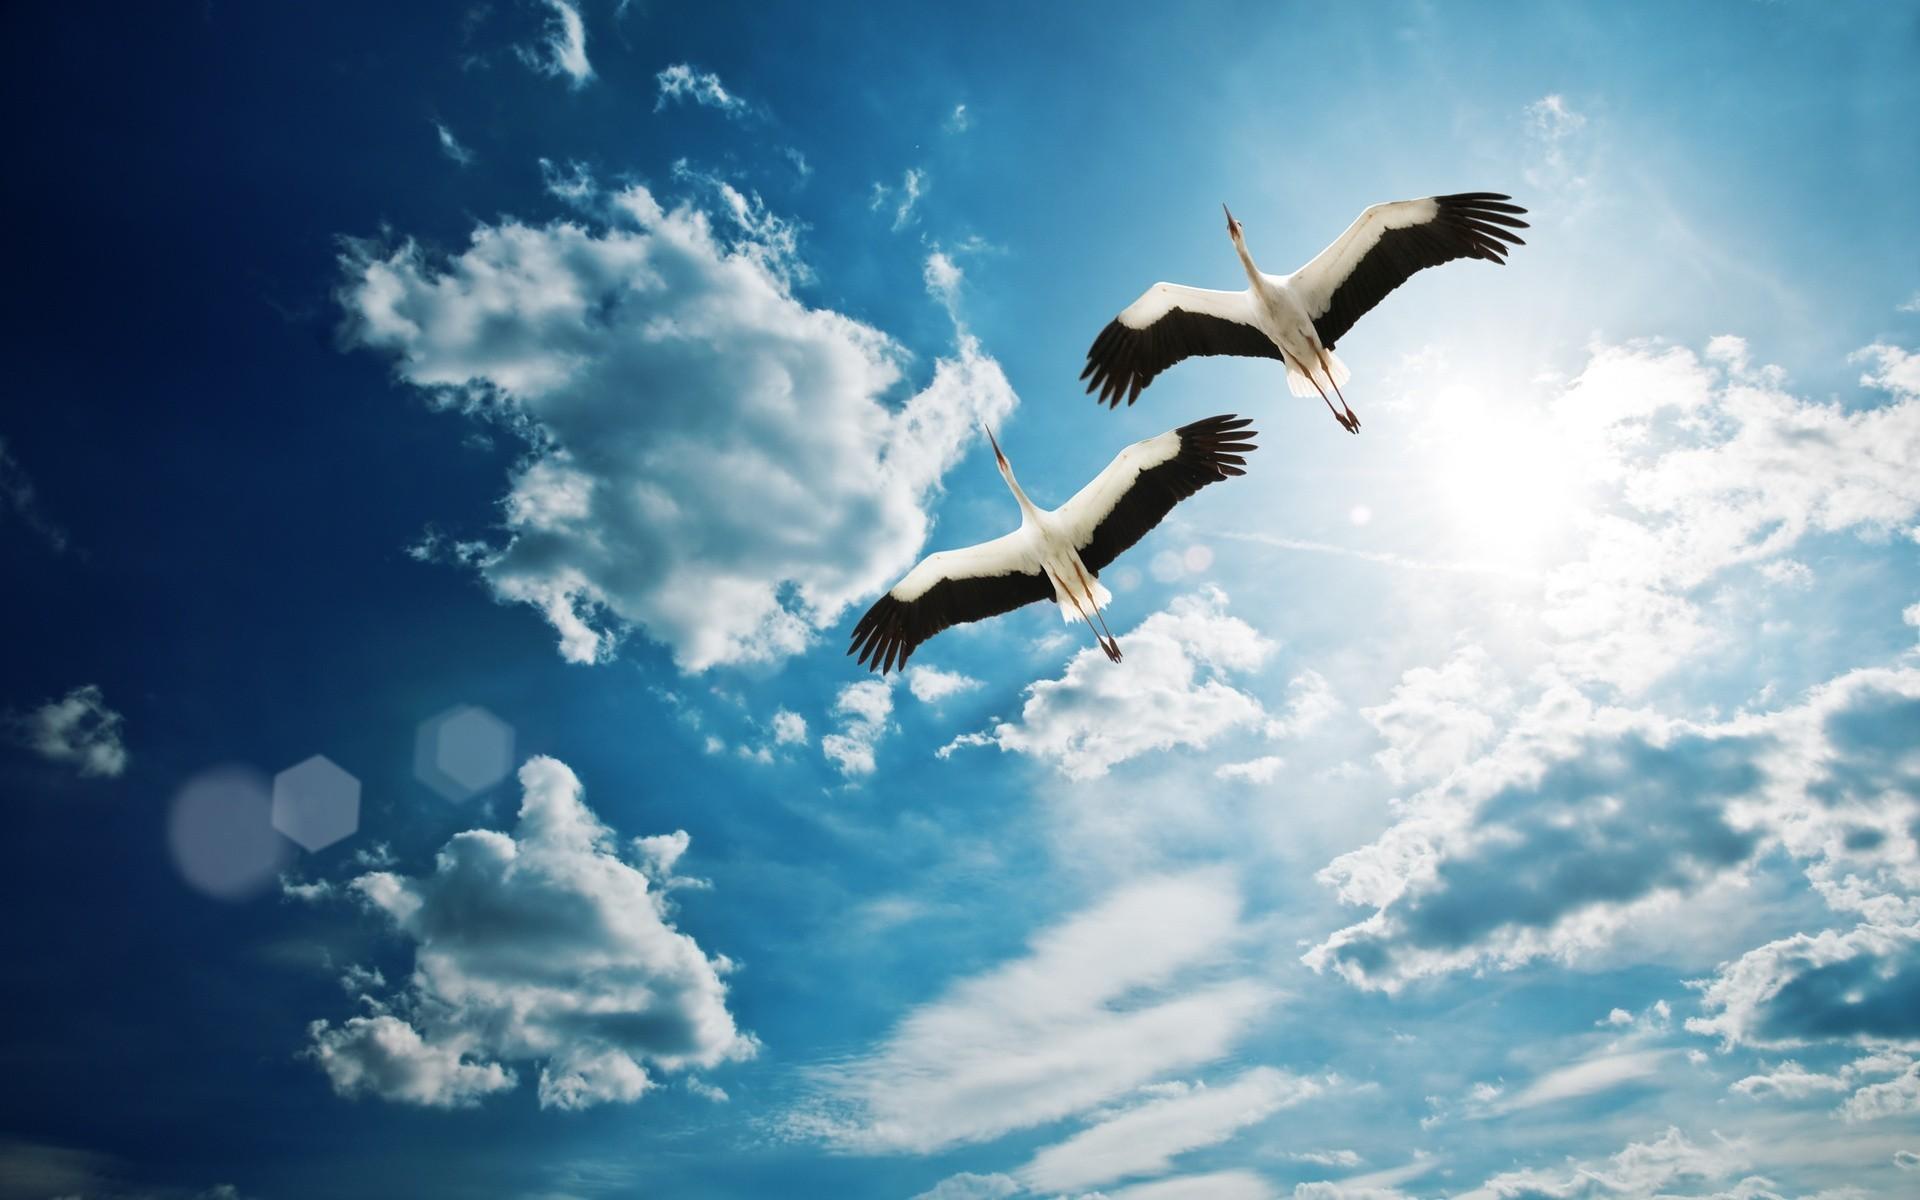 снимке картинки небо с птицами парами сайте слоеным салатам